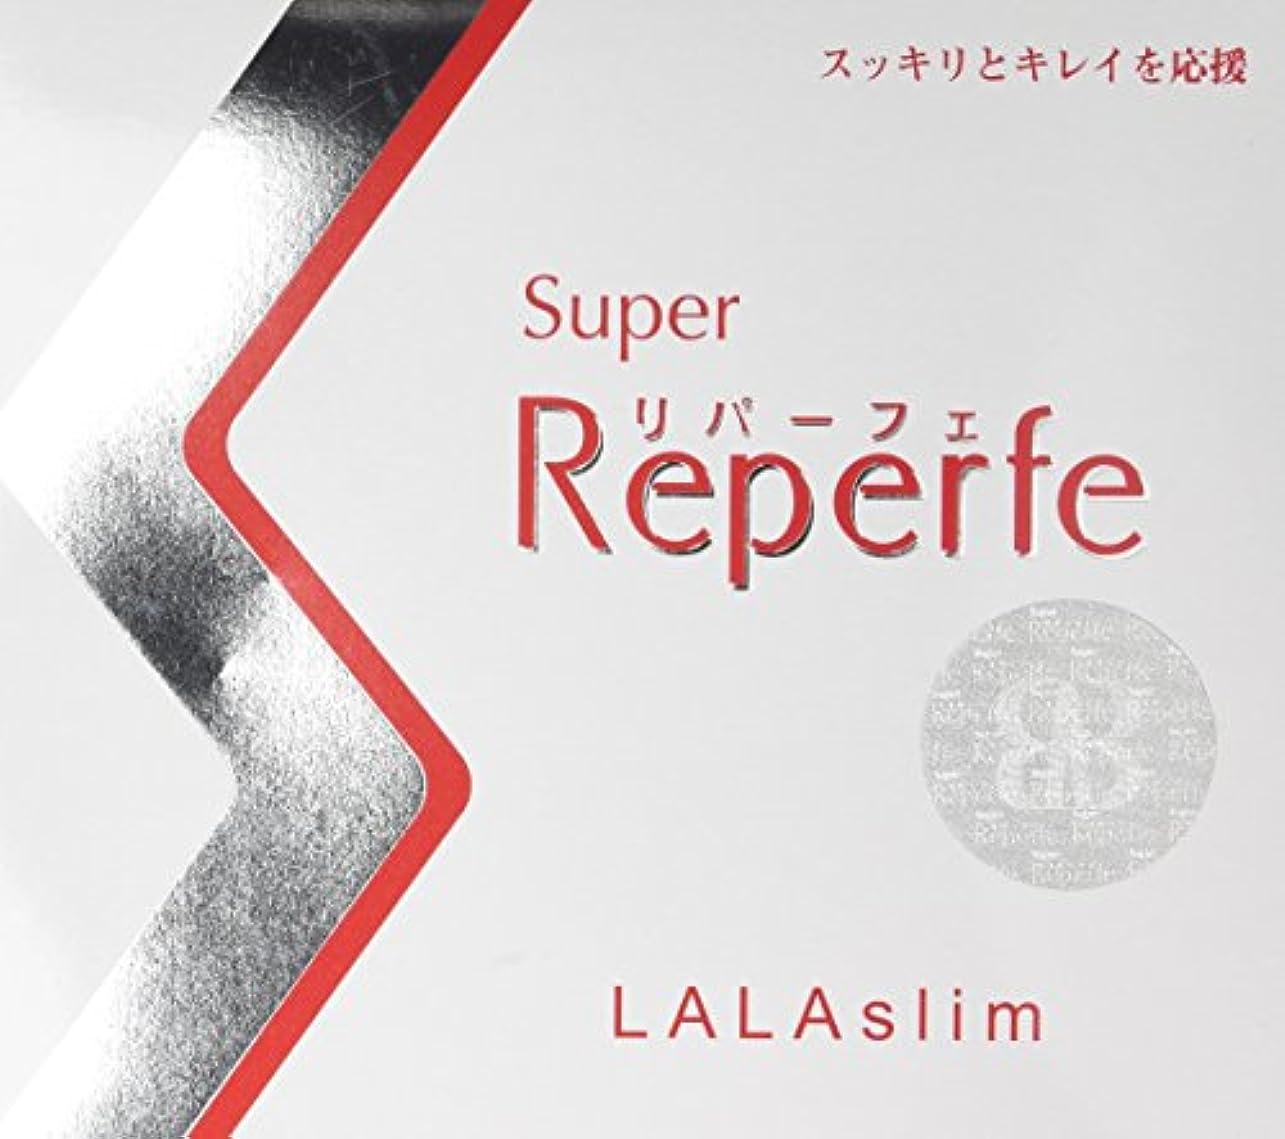 毒液うぬぼれた情熱的スーパーリパーフェ ララスリム 錠剤タイプ